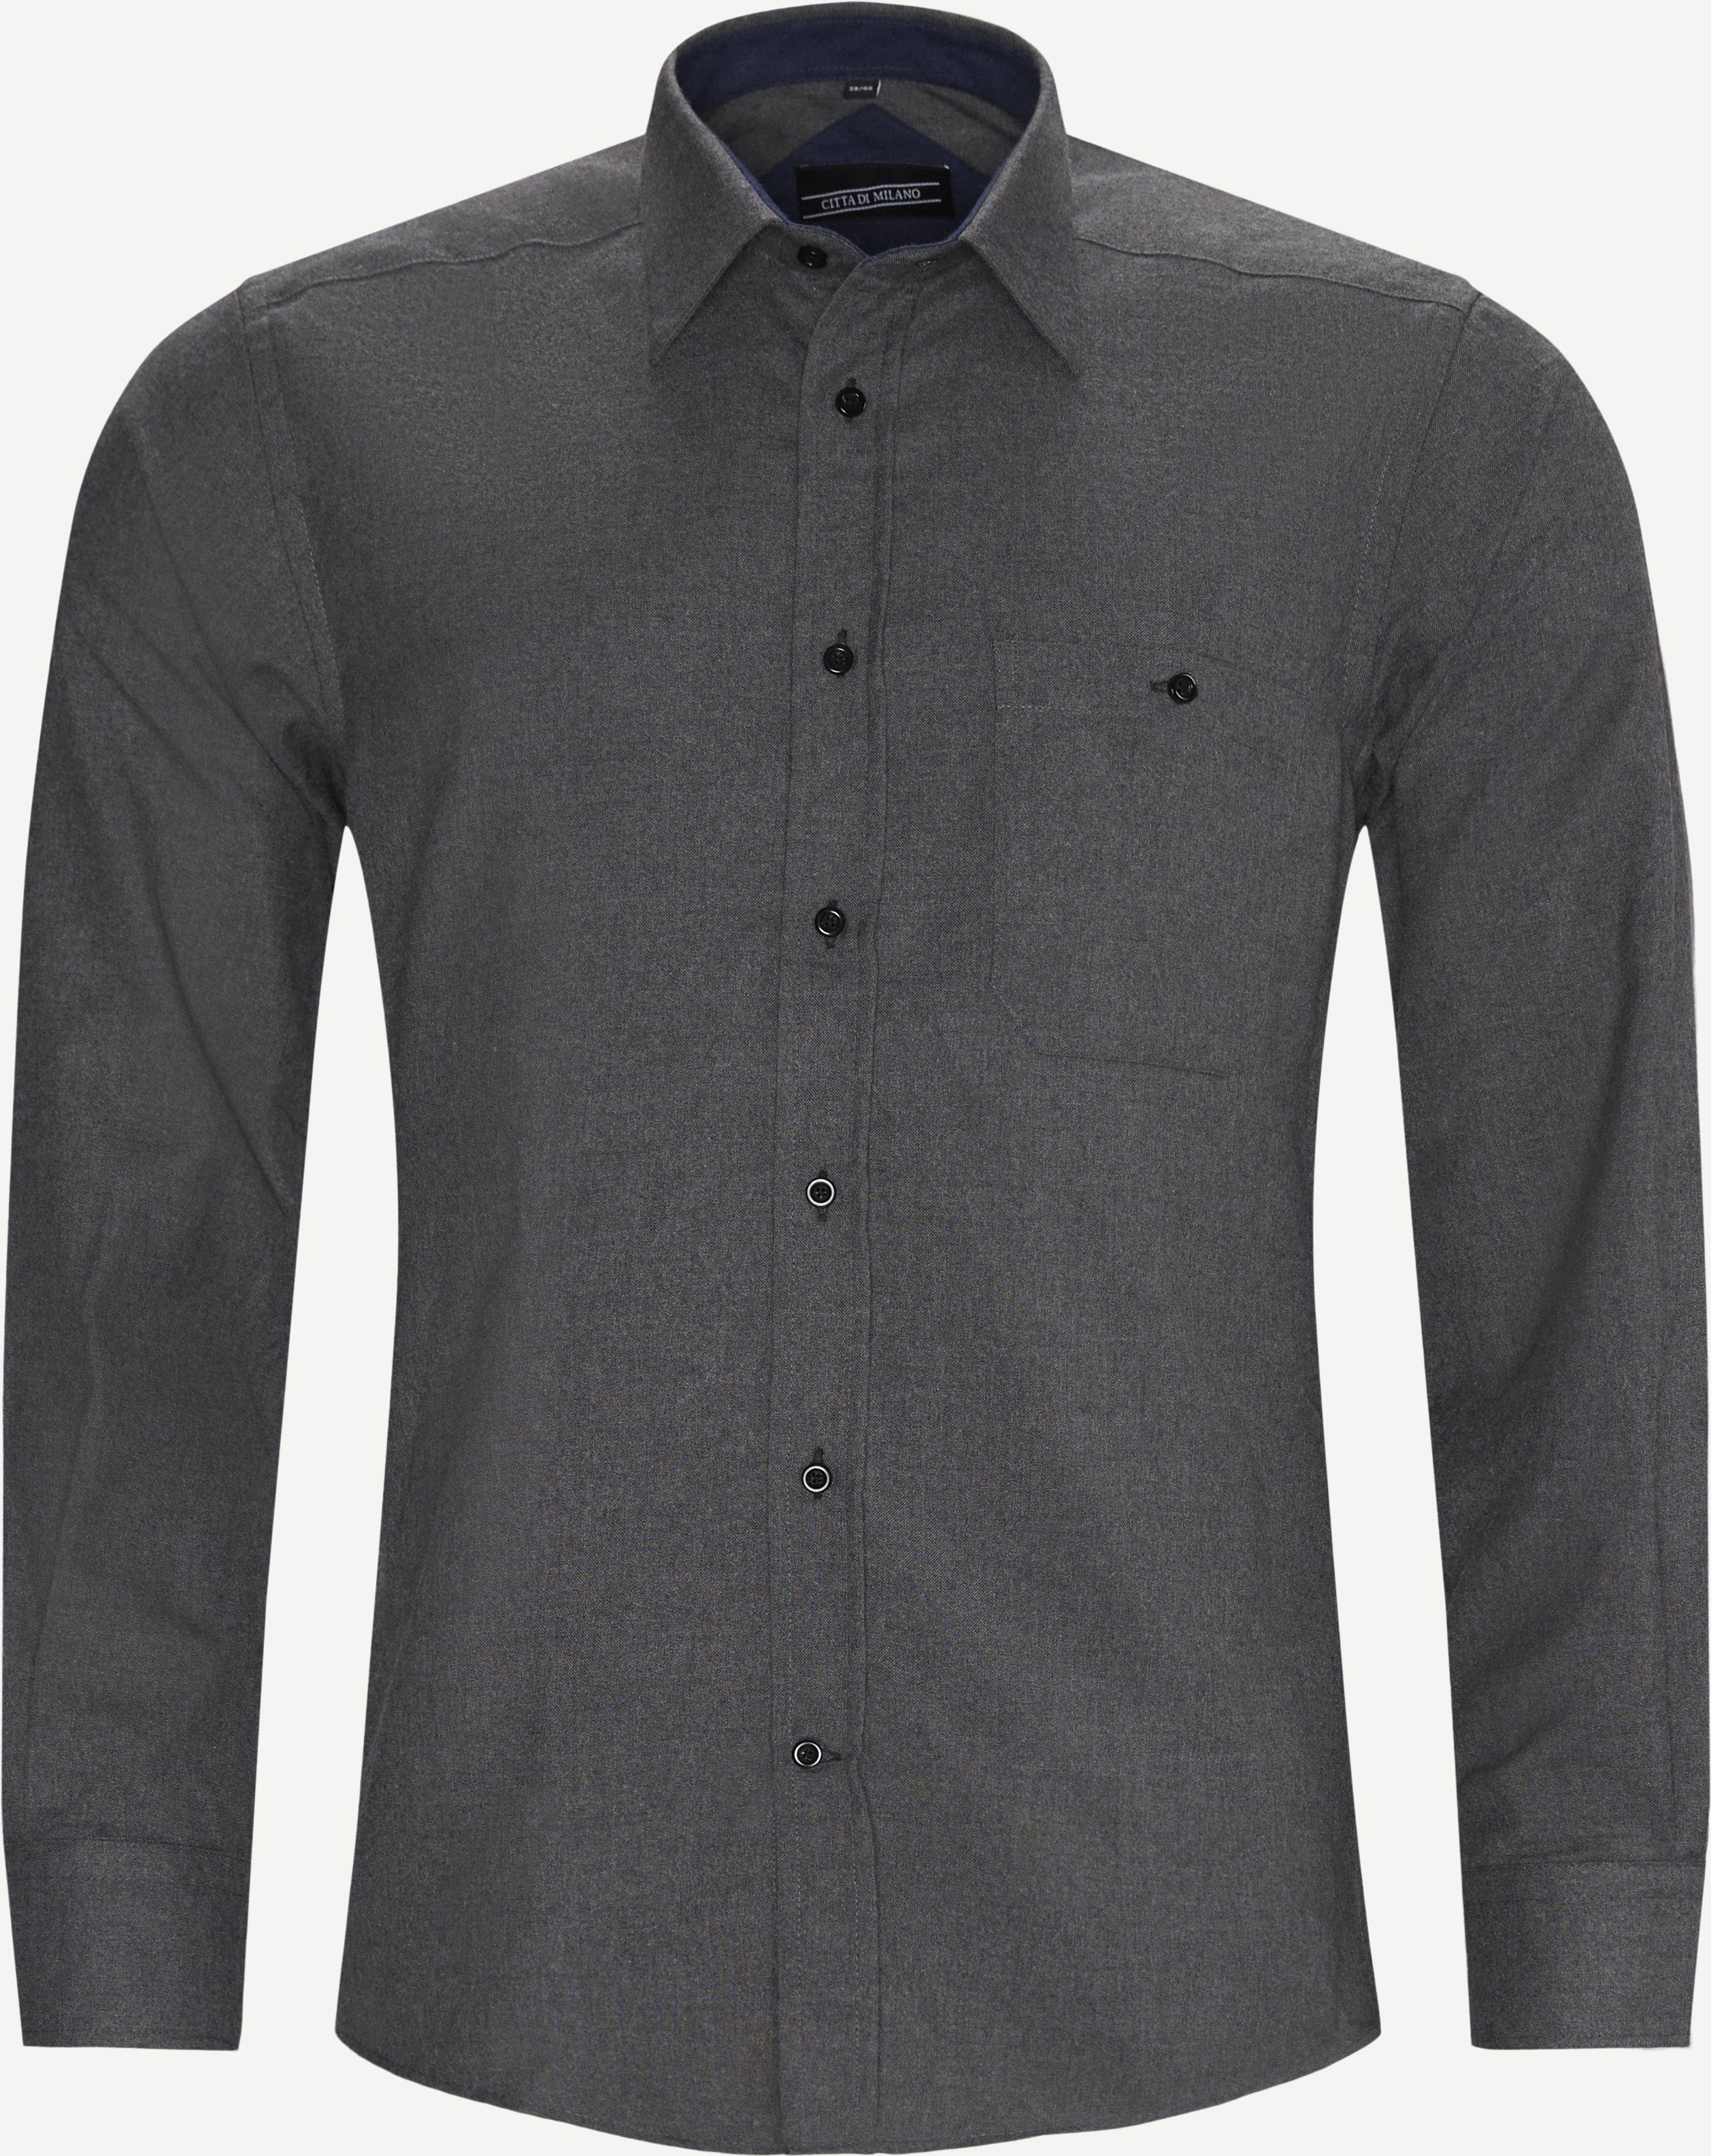 Hemden - Regular - Grau